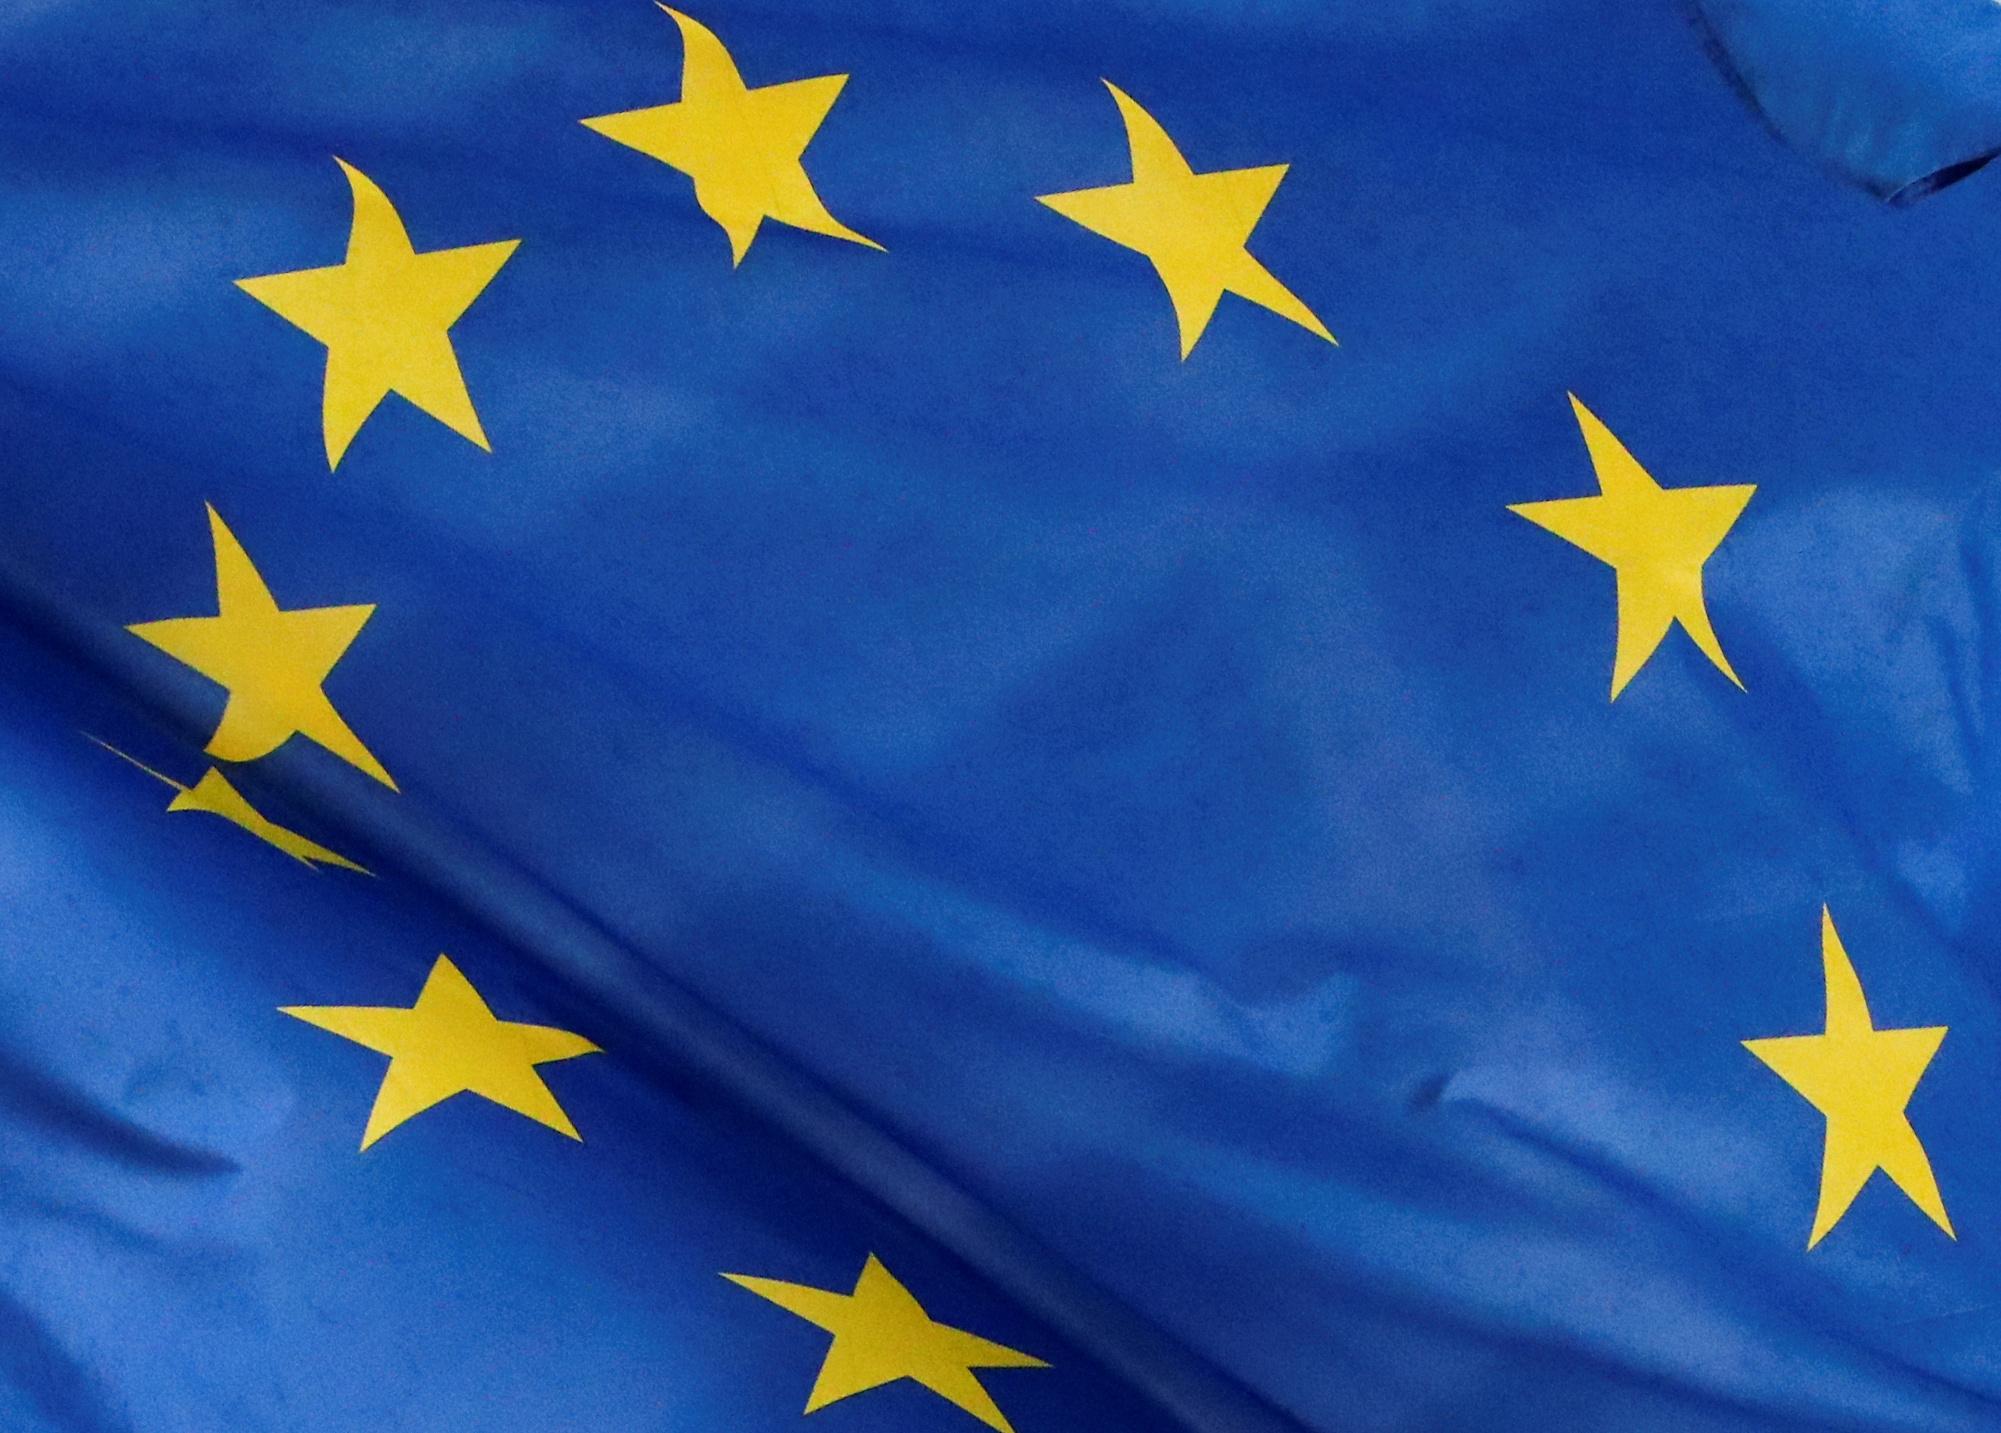 La Commission européenne revoit à la baisse ses prévisions de croissance dans la zone euro